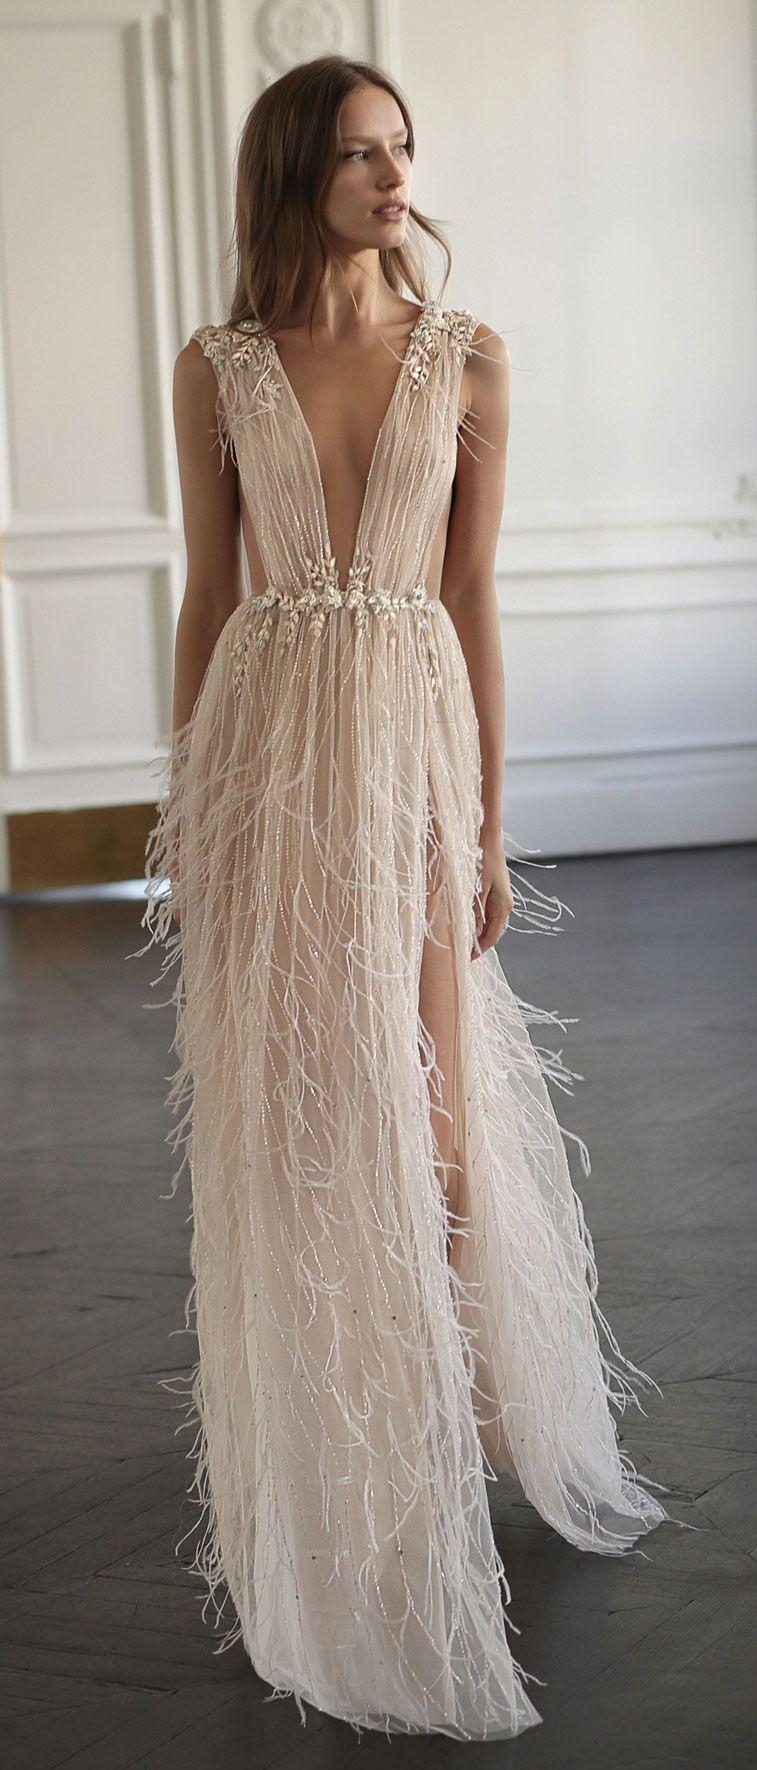 Eisen stein wedding dresses u blush bridal collection the